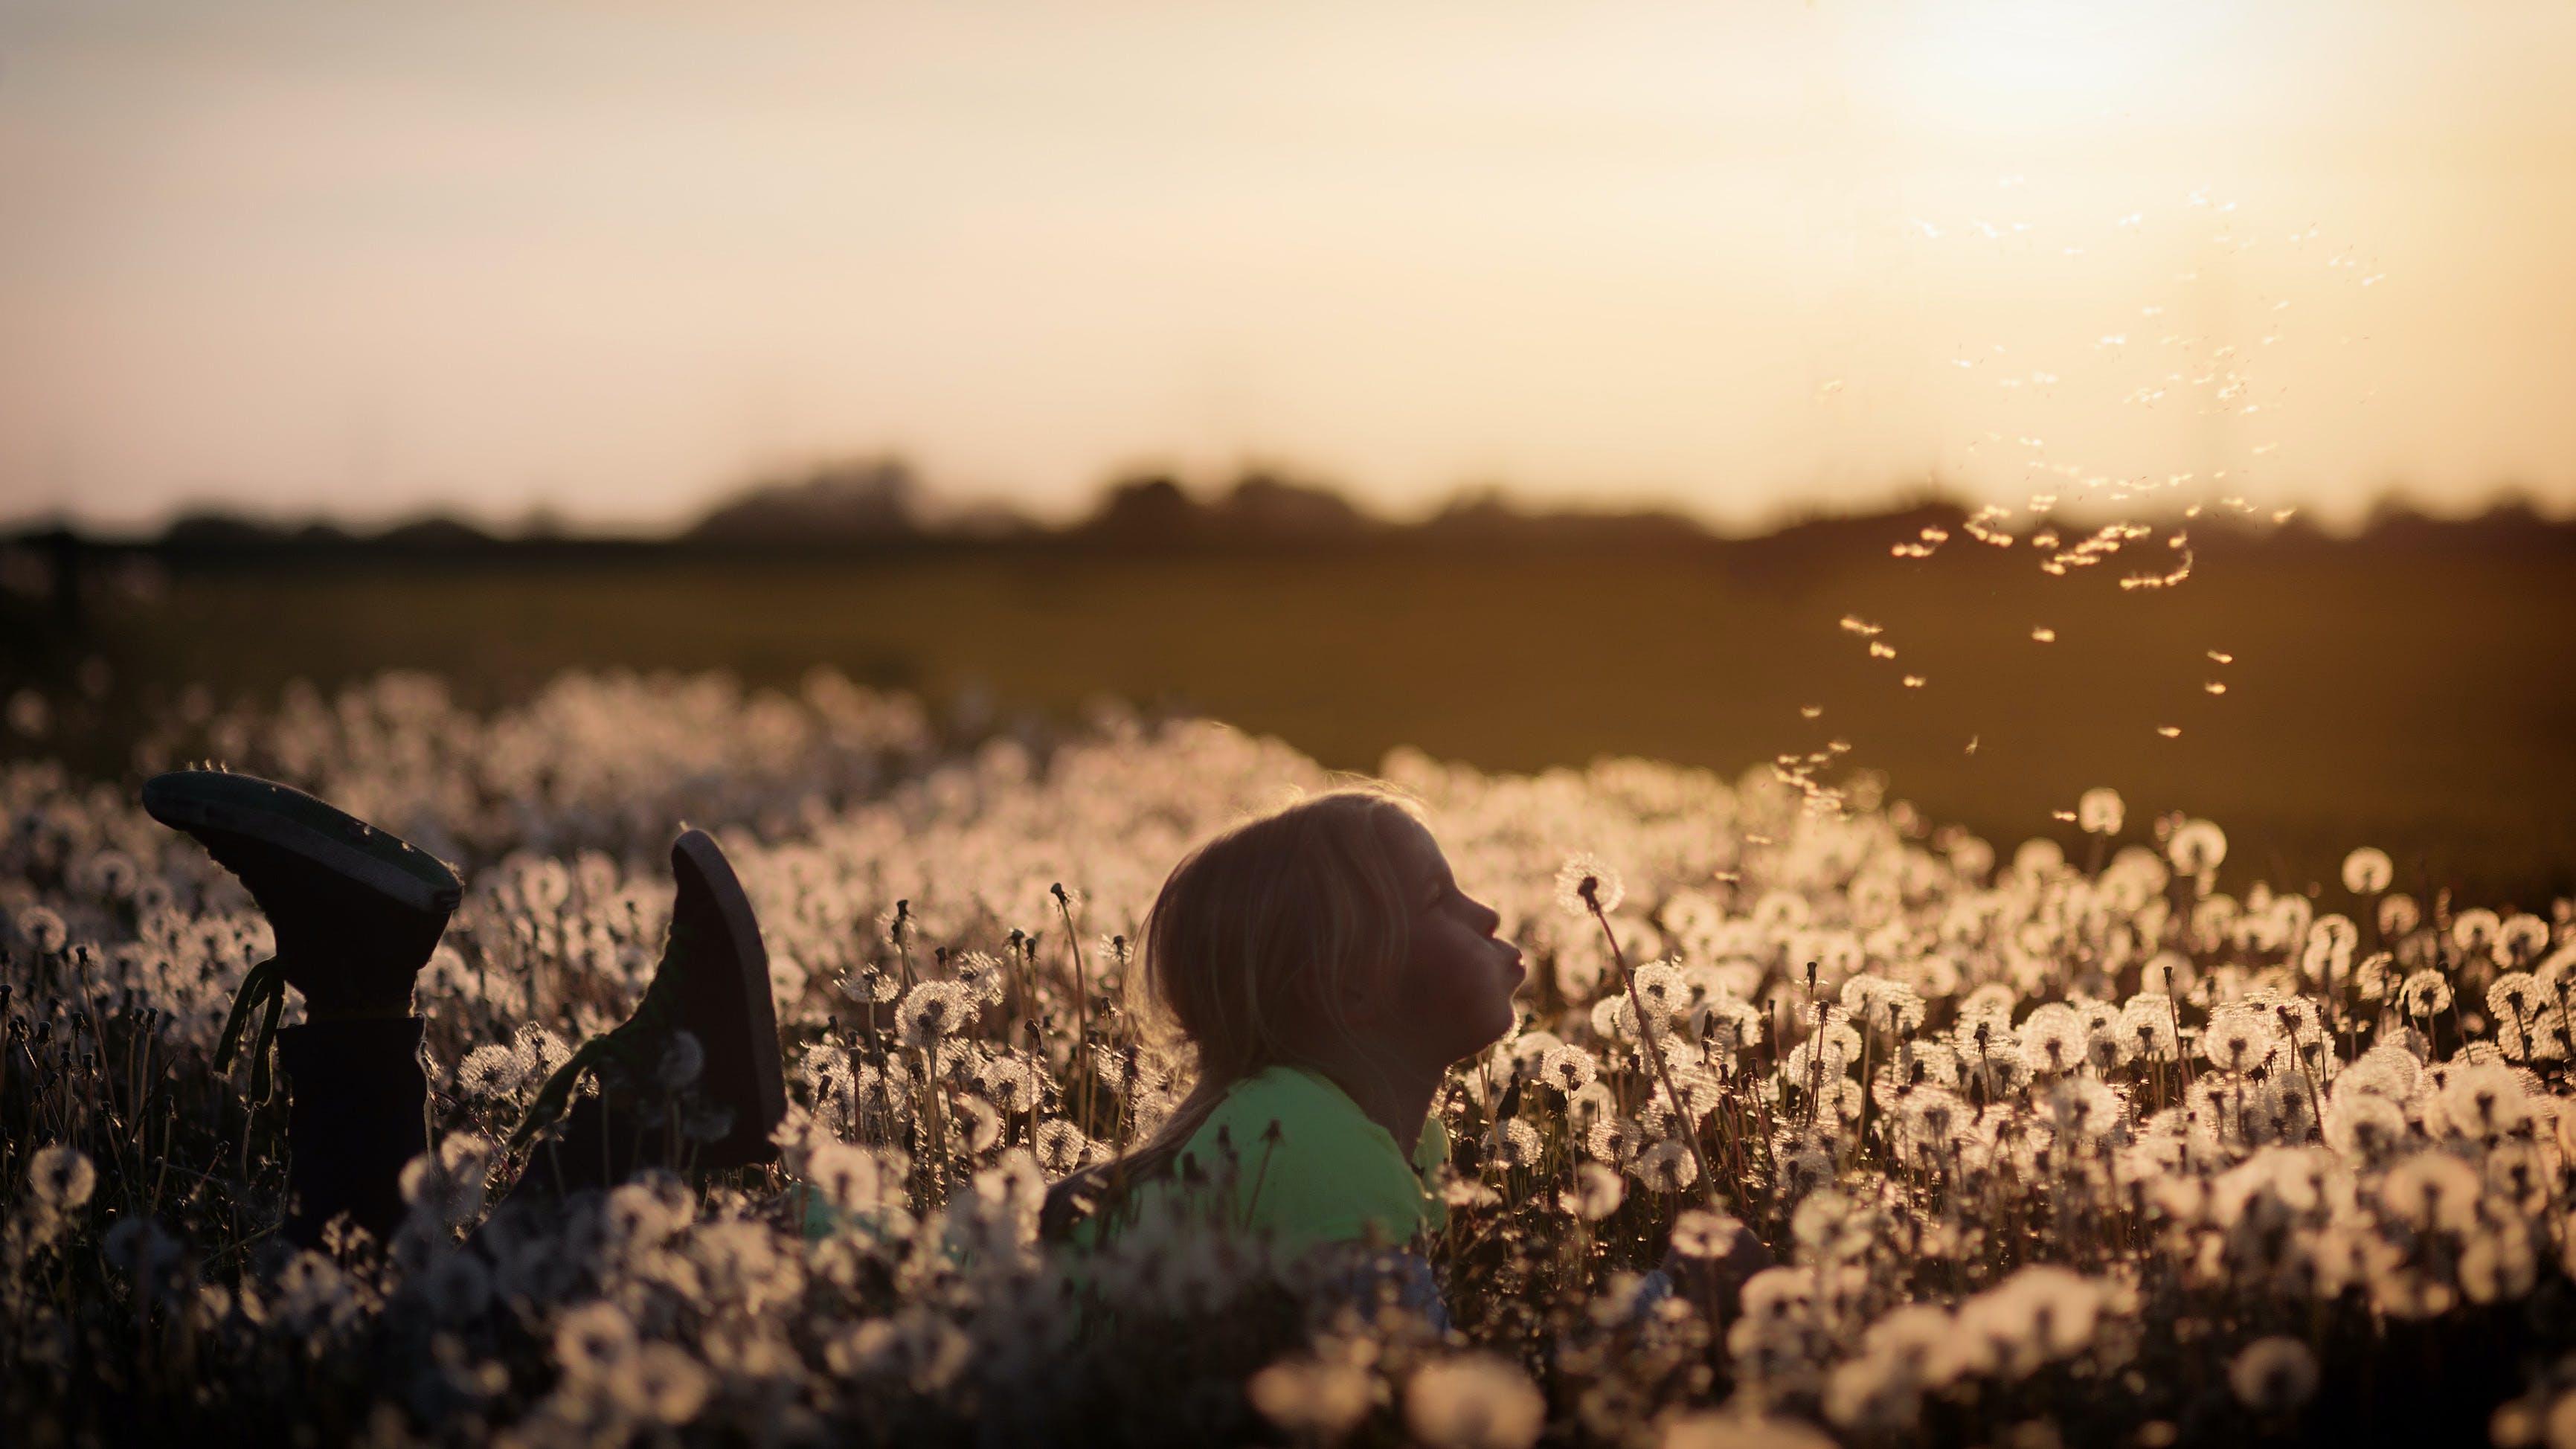 Girl Blowing A Dandelion Flower